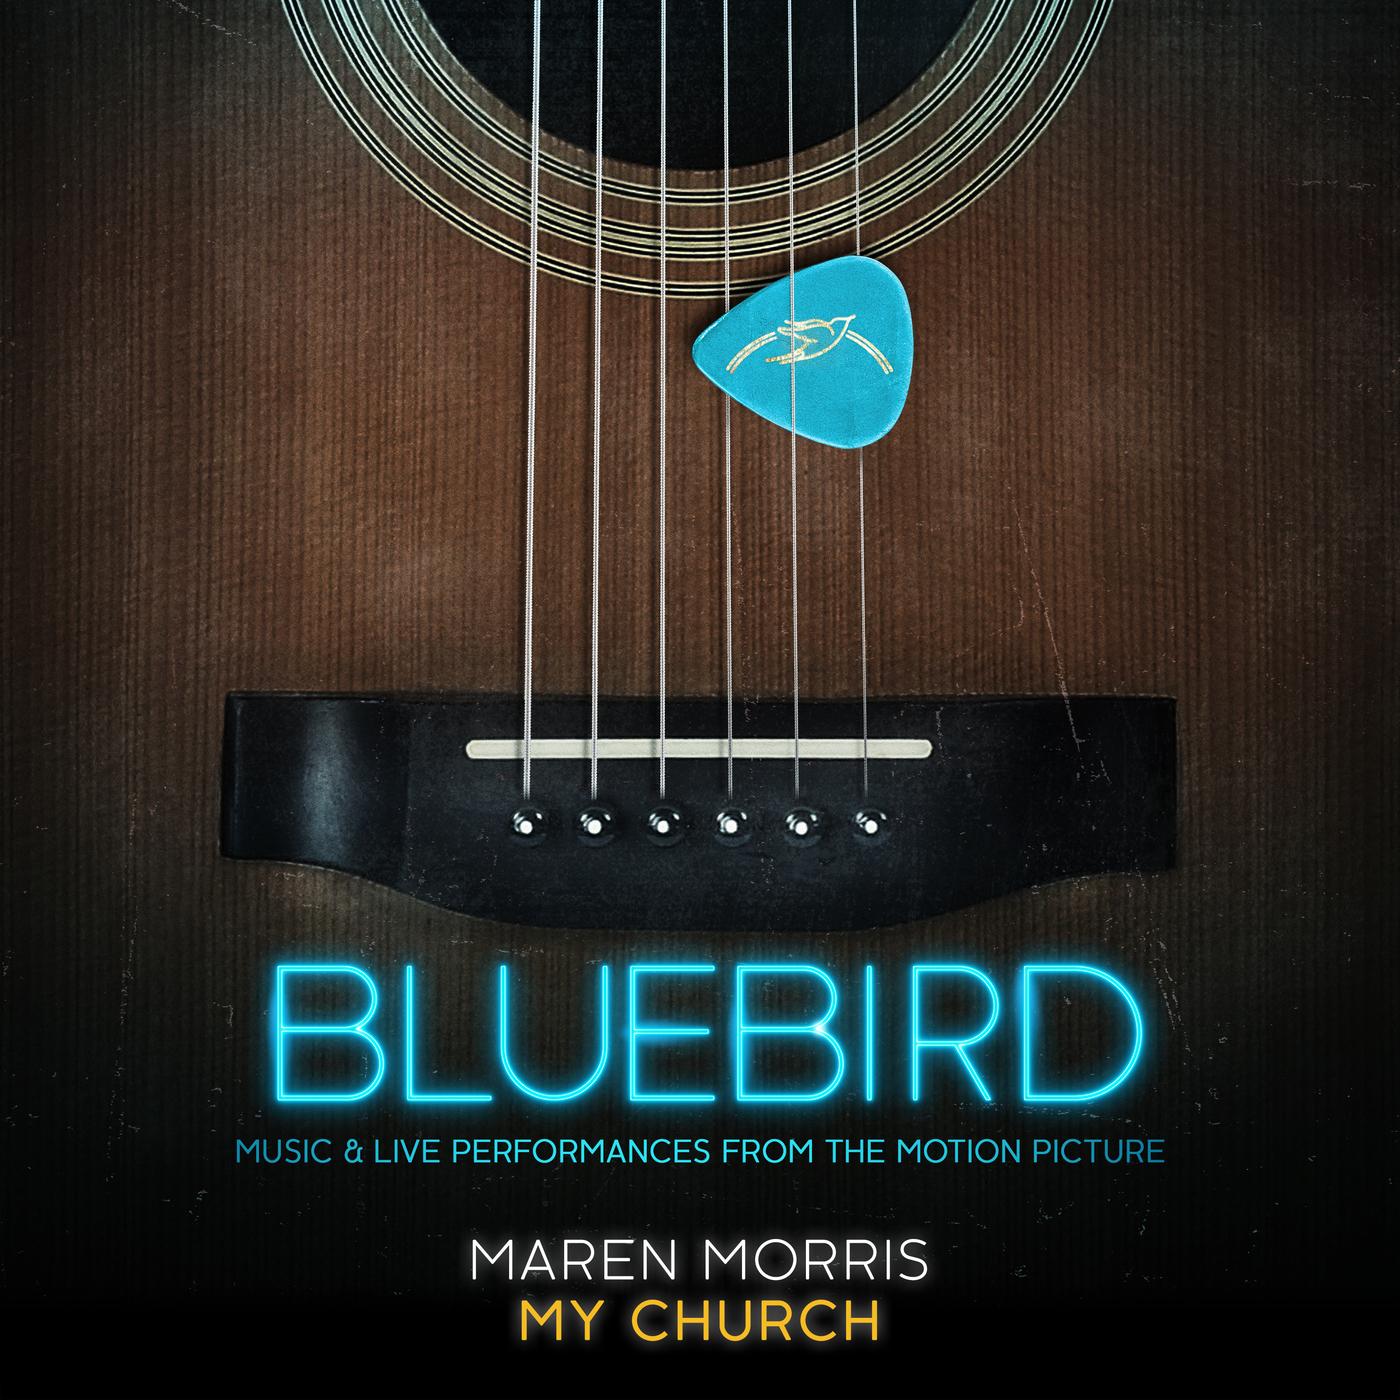 My Church (Live from the Bluebird Café) - Maren Morris